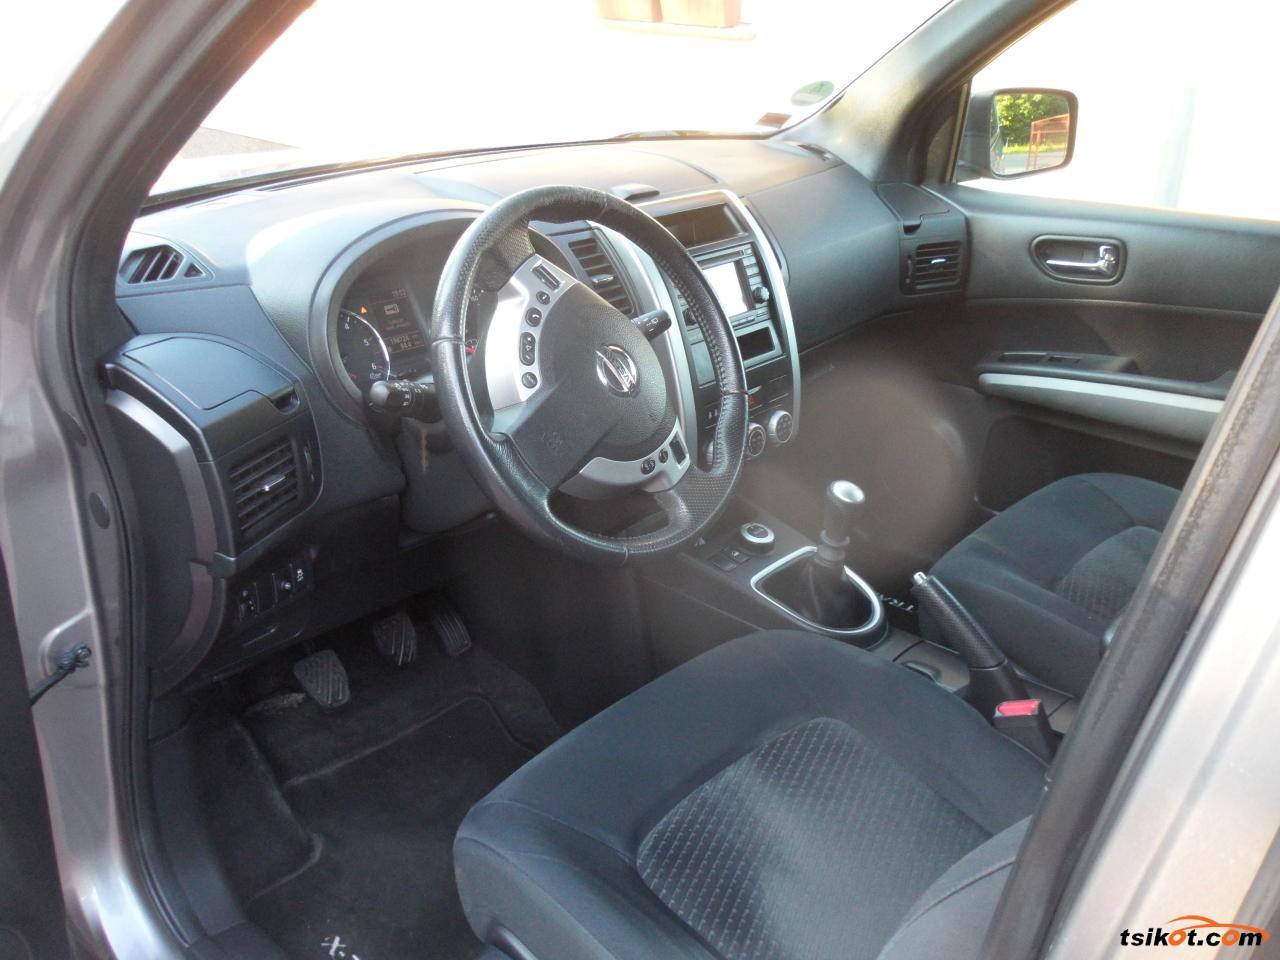 Nissan X-Trail 2012 - 3